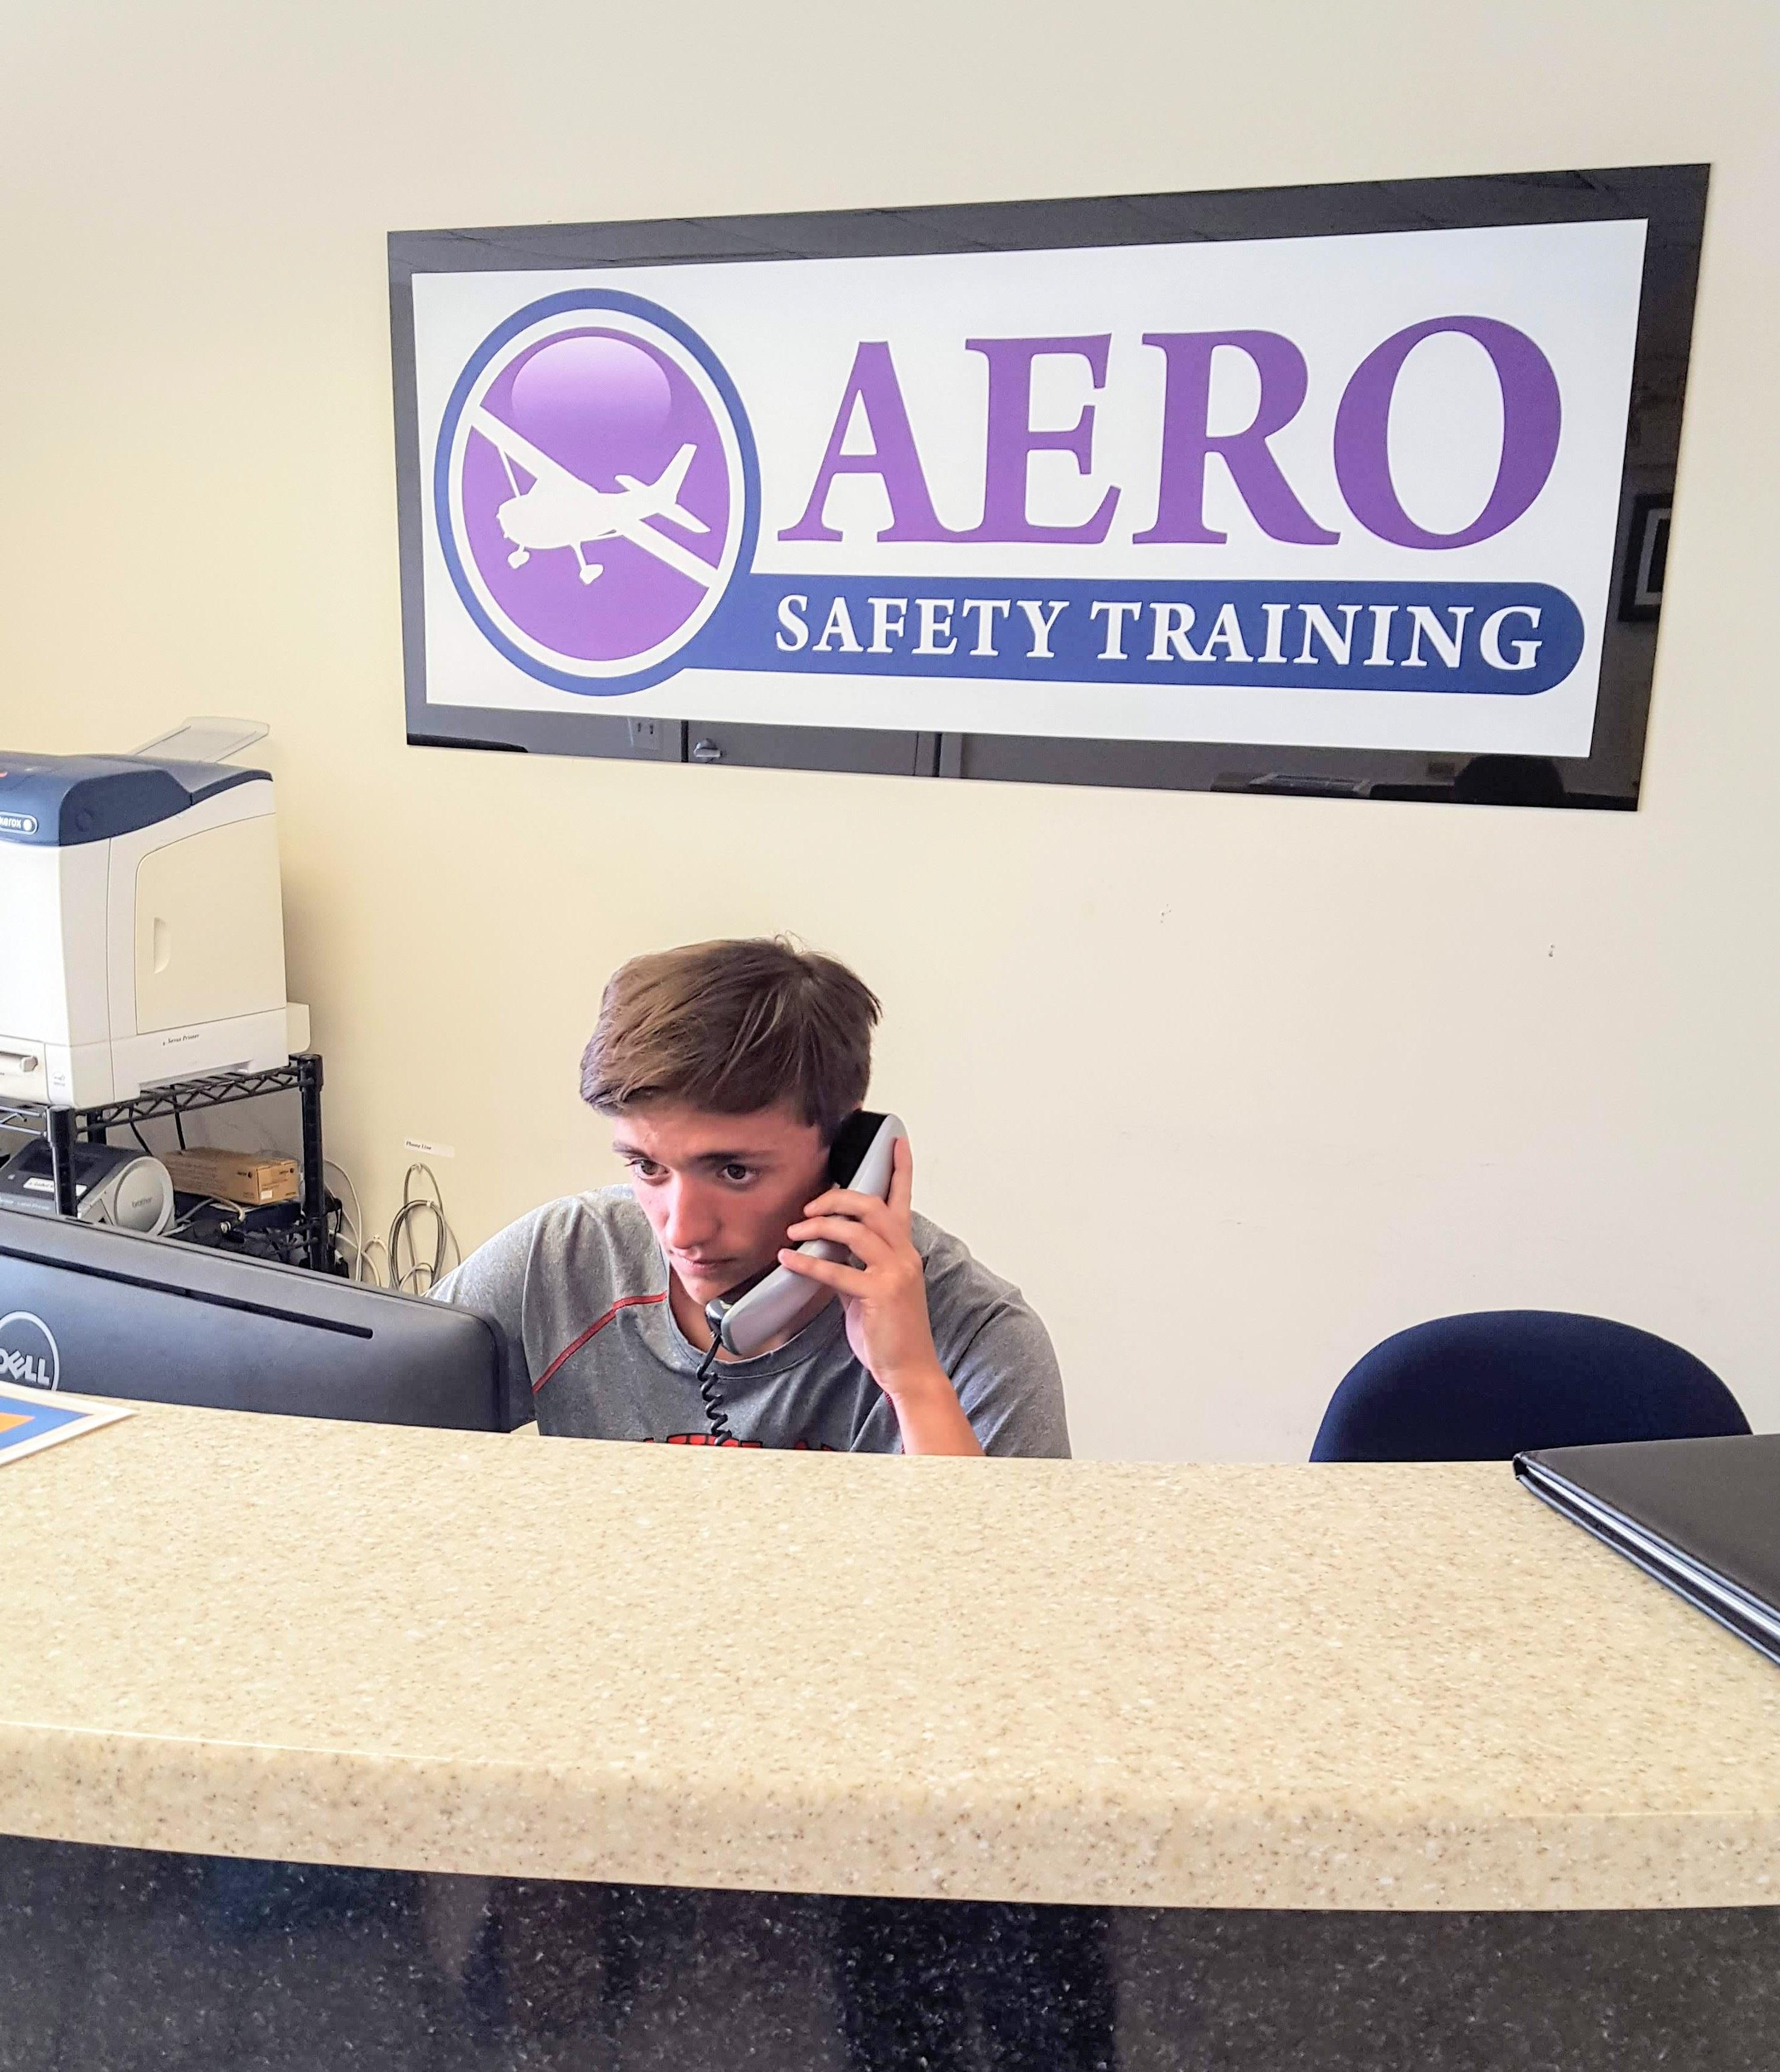 Aero Safety